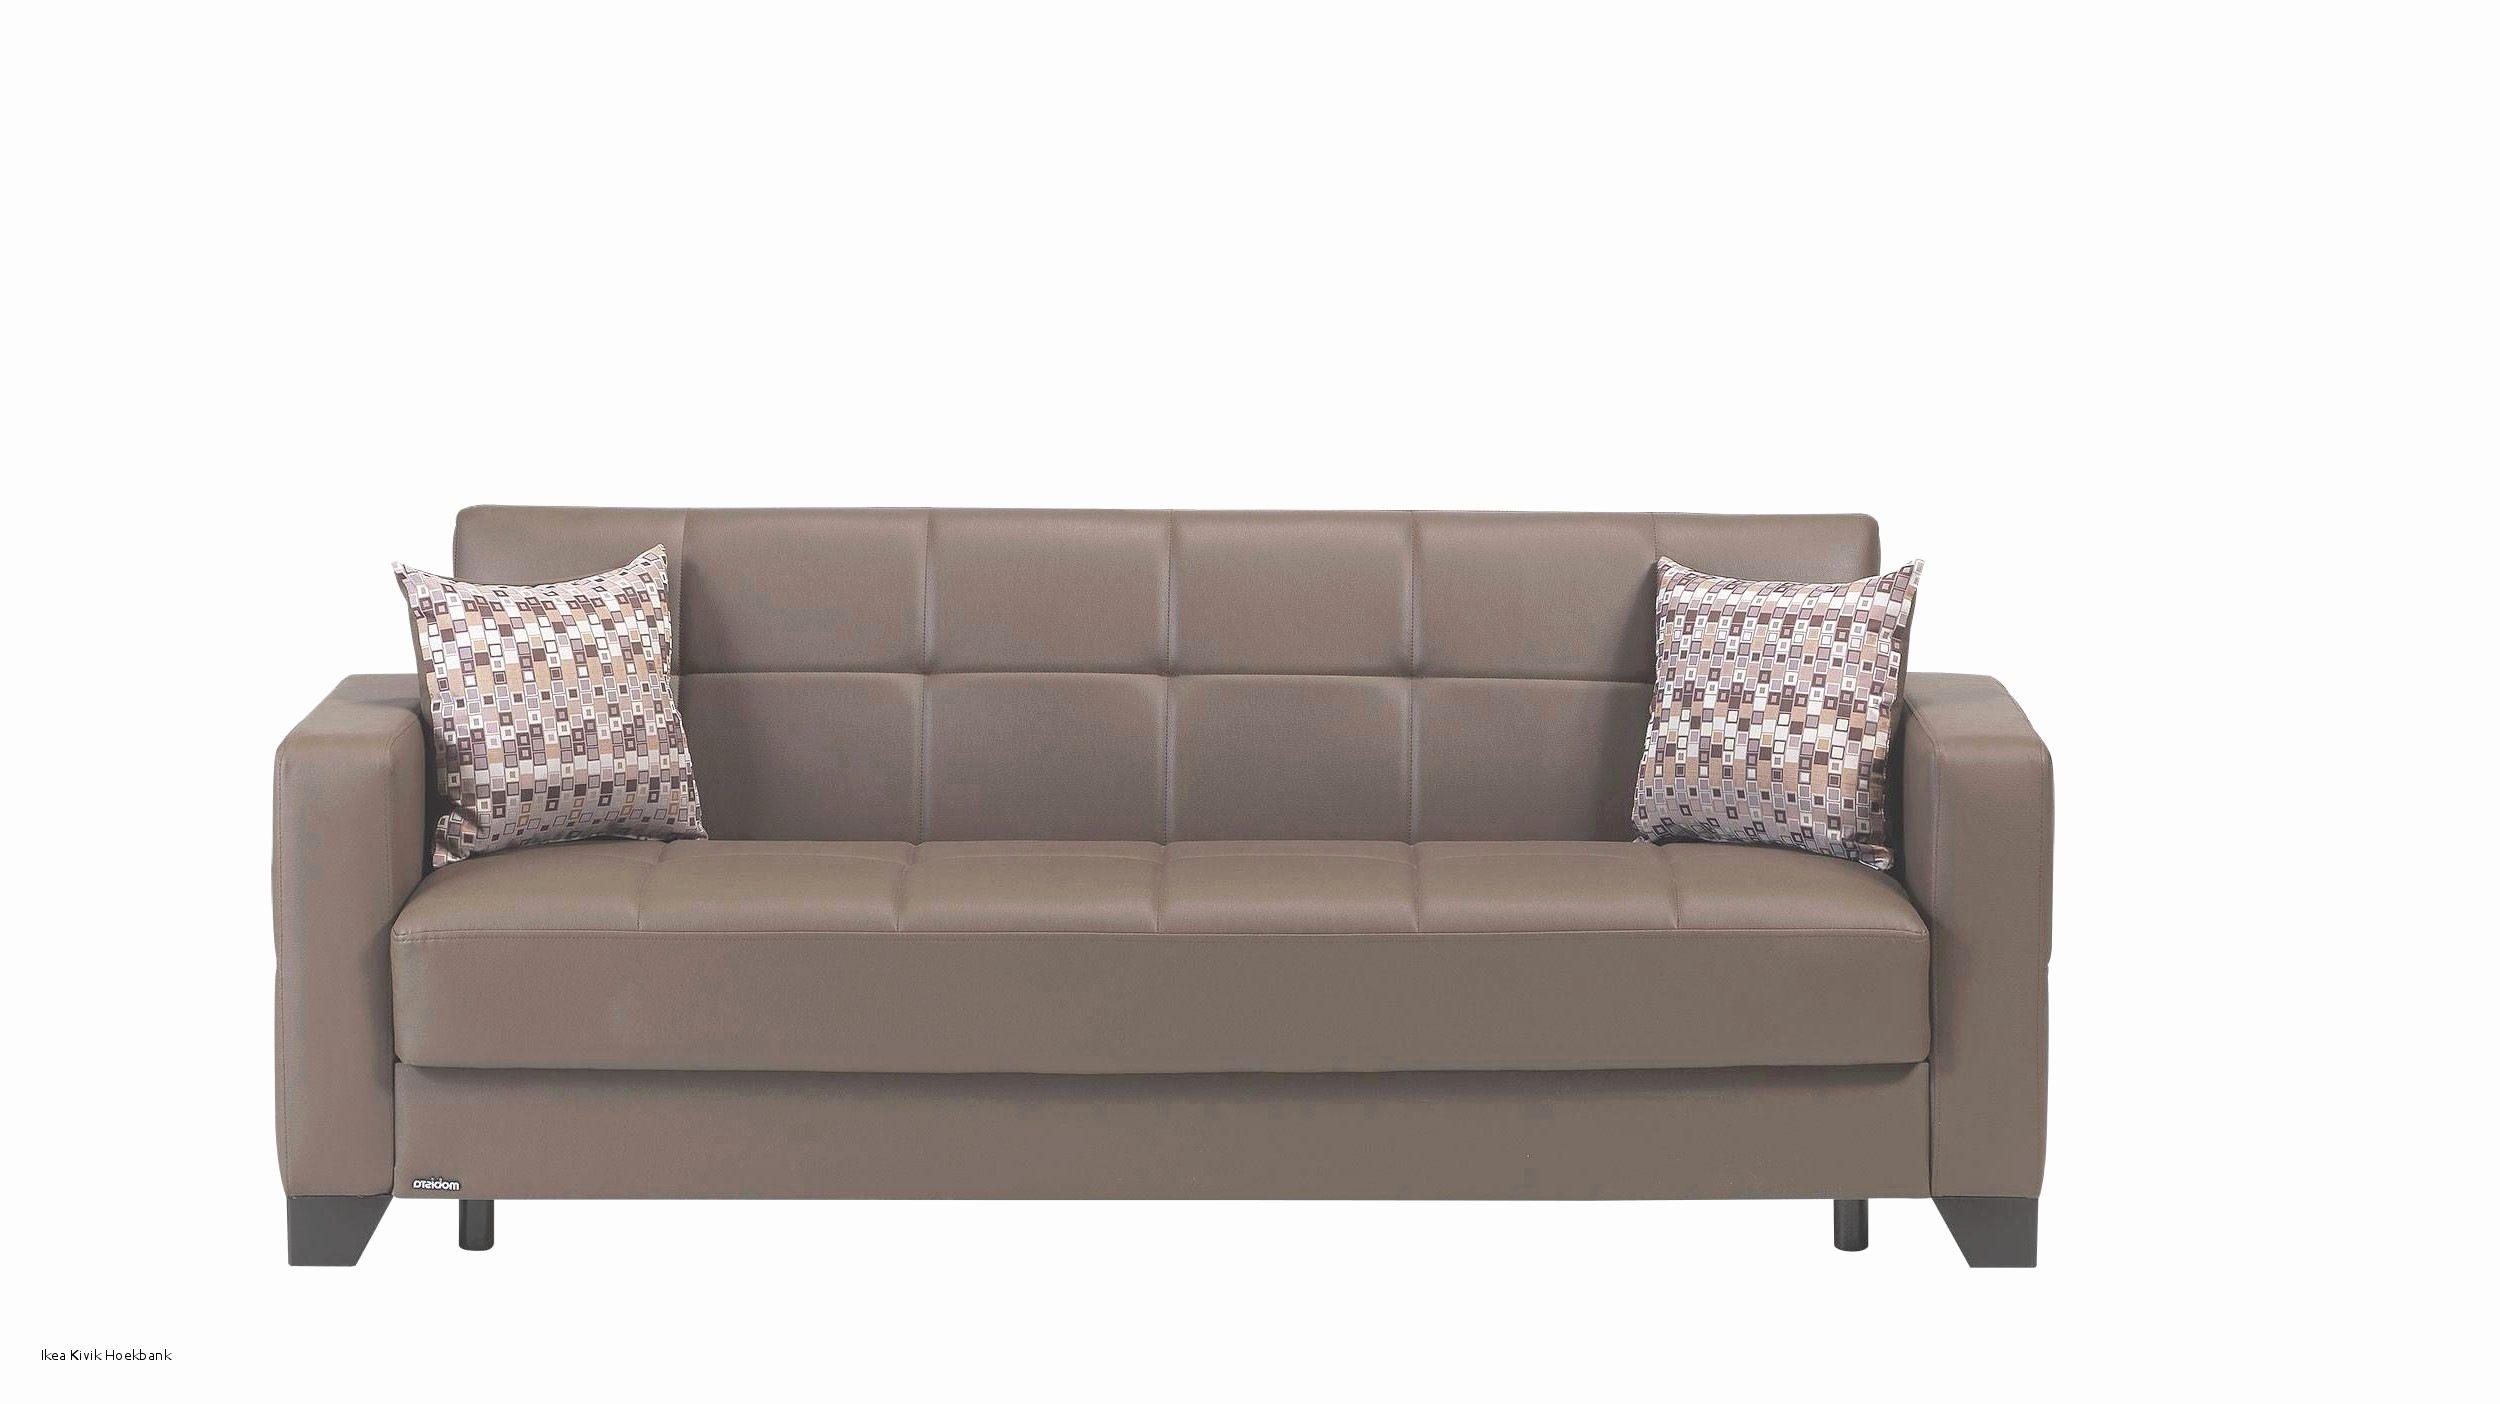 Lit Modulable Ikea Douce Ikea Fauteuil Lit Génial sofa Xxxl Schön sofa Xxl Big sofa Led Salon